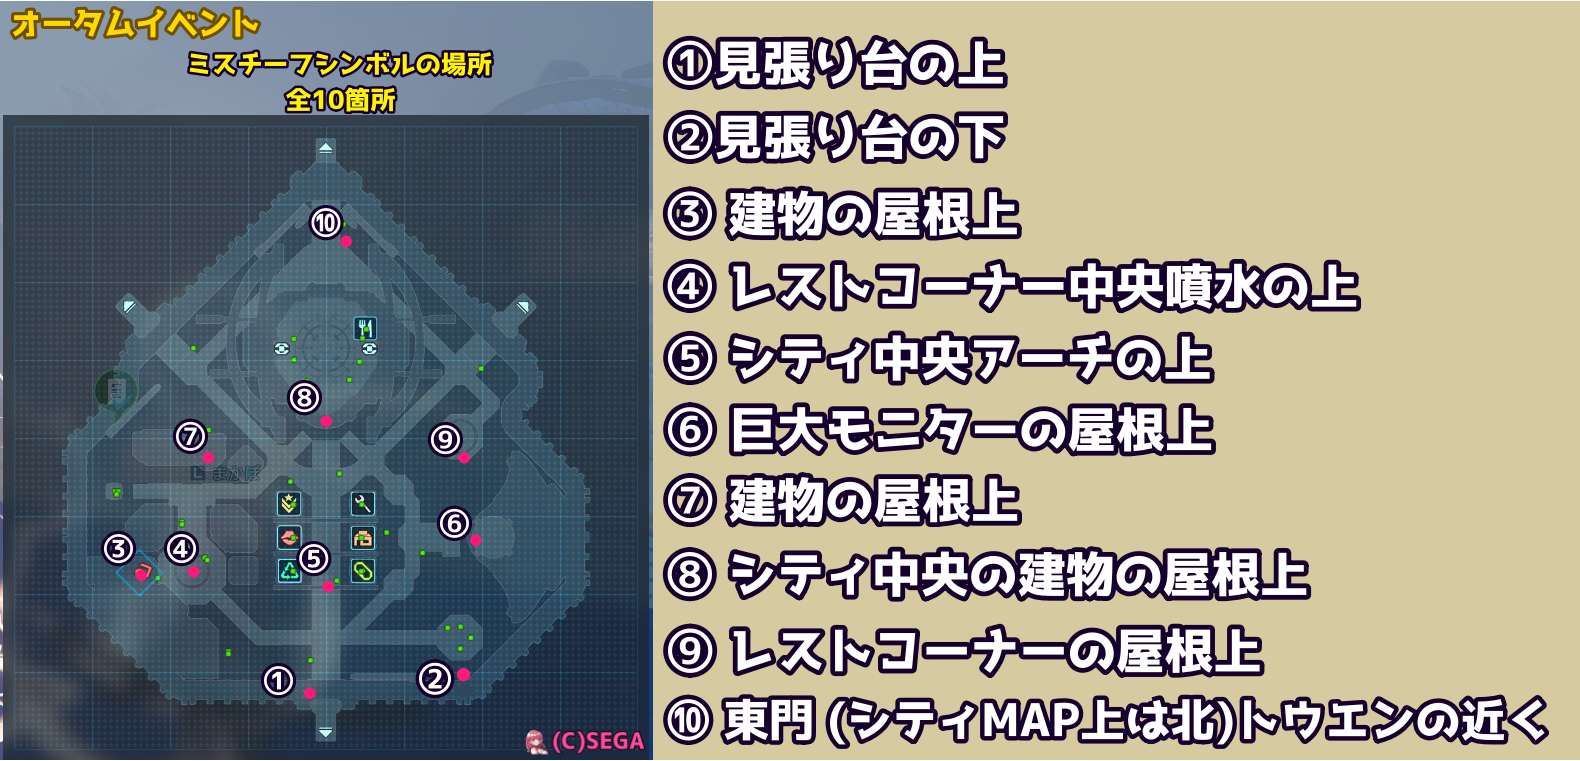 ミスチーフシンボルの場所【全10箇所】